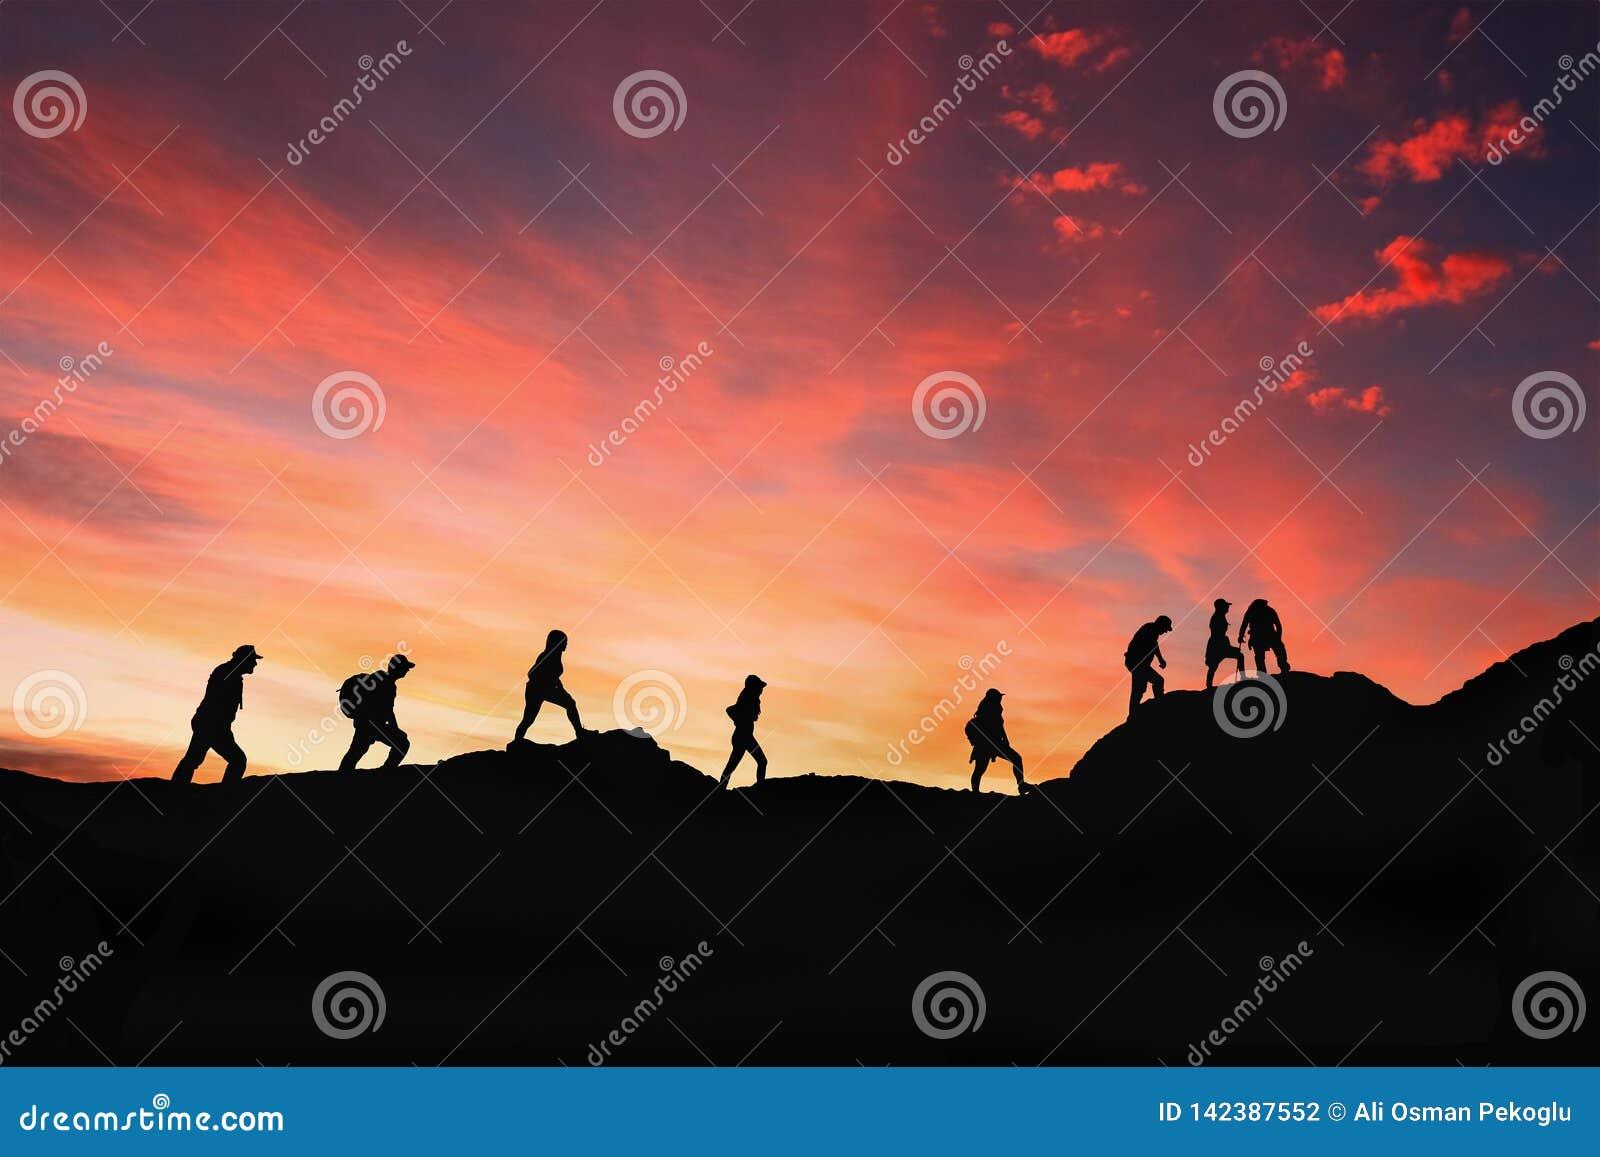 Huit amis marchent sur le chemin de montagne dans le coucher du soleil